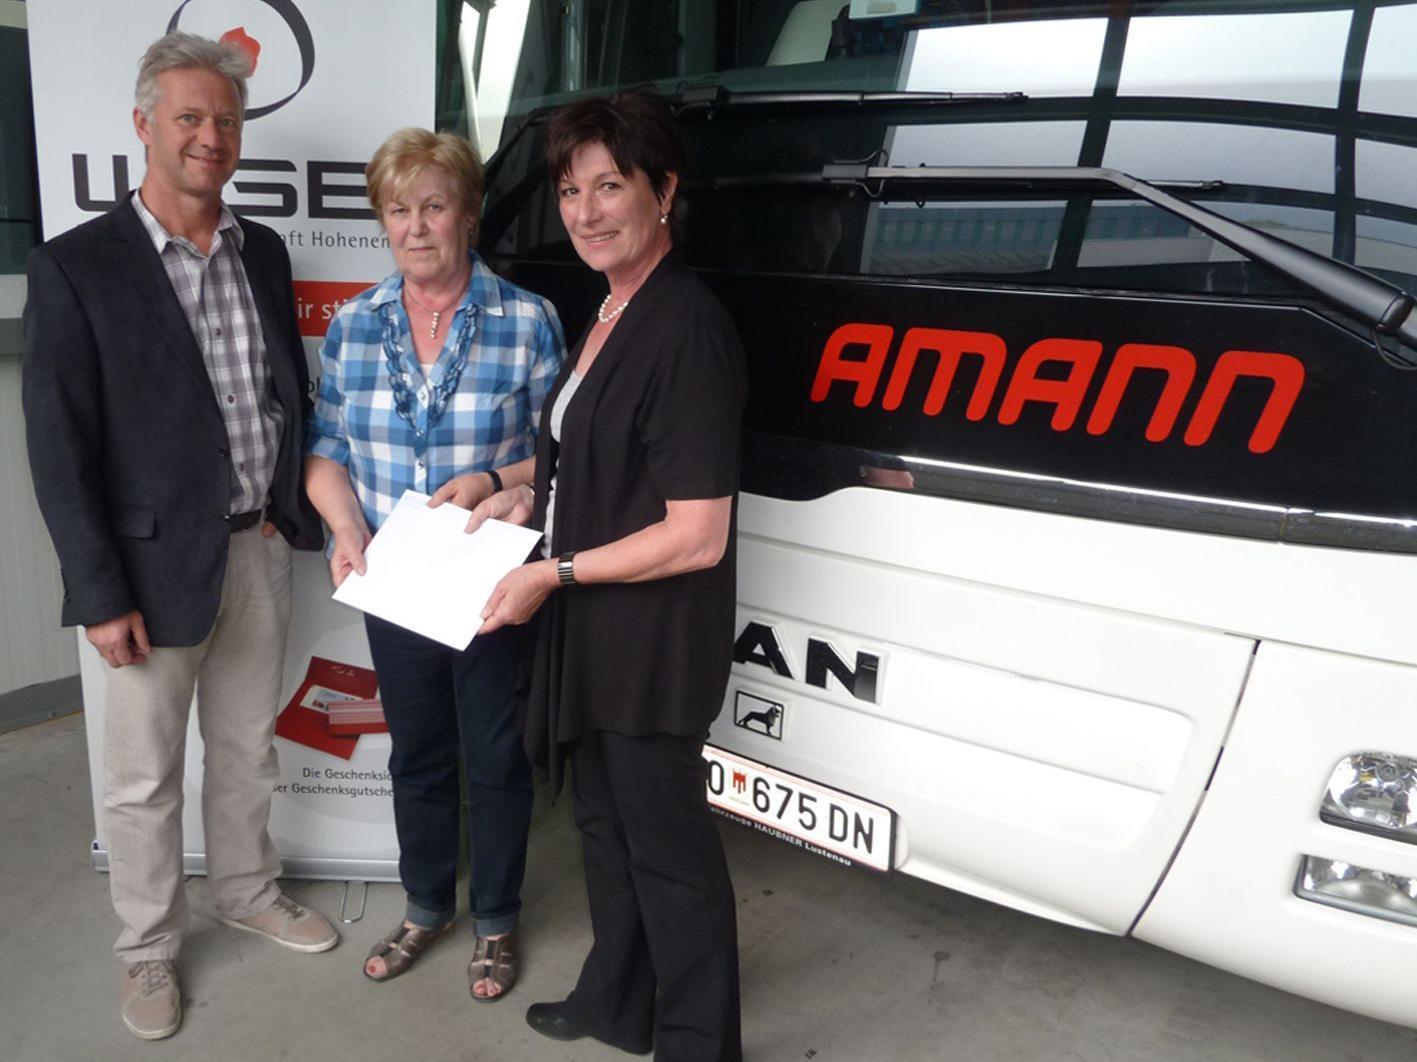 WirtesprecherAndrew Nussbaumer und Getrud Amann (r.) gratulieren Helga Pöschl zum Hauptpreis.